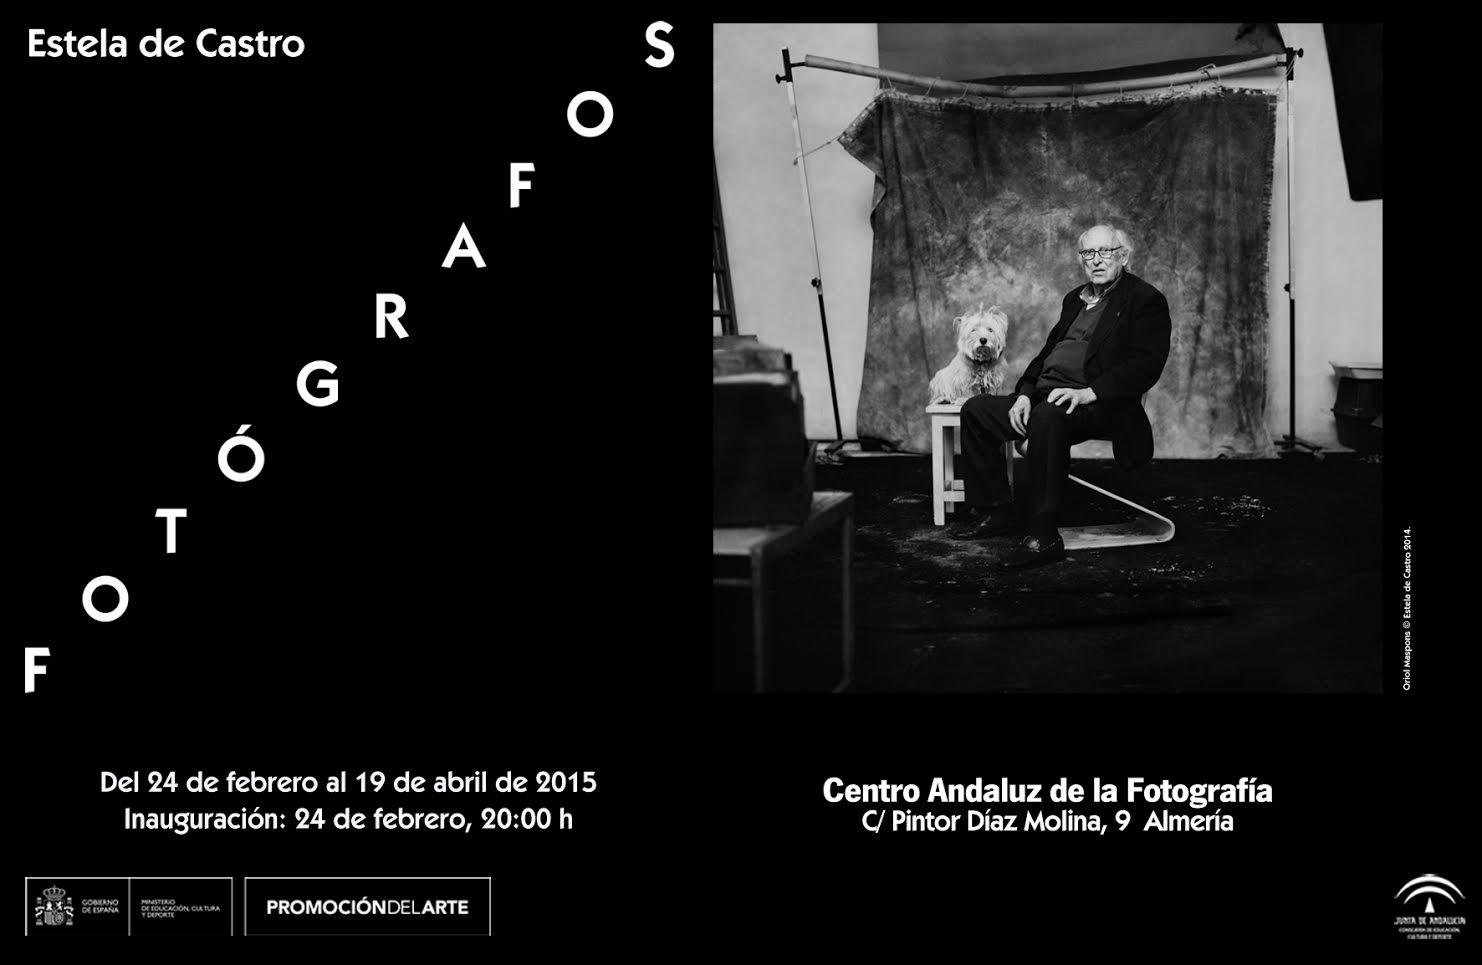 CAF_2015-02_Estela_de_Castro-Fotografos